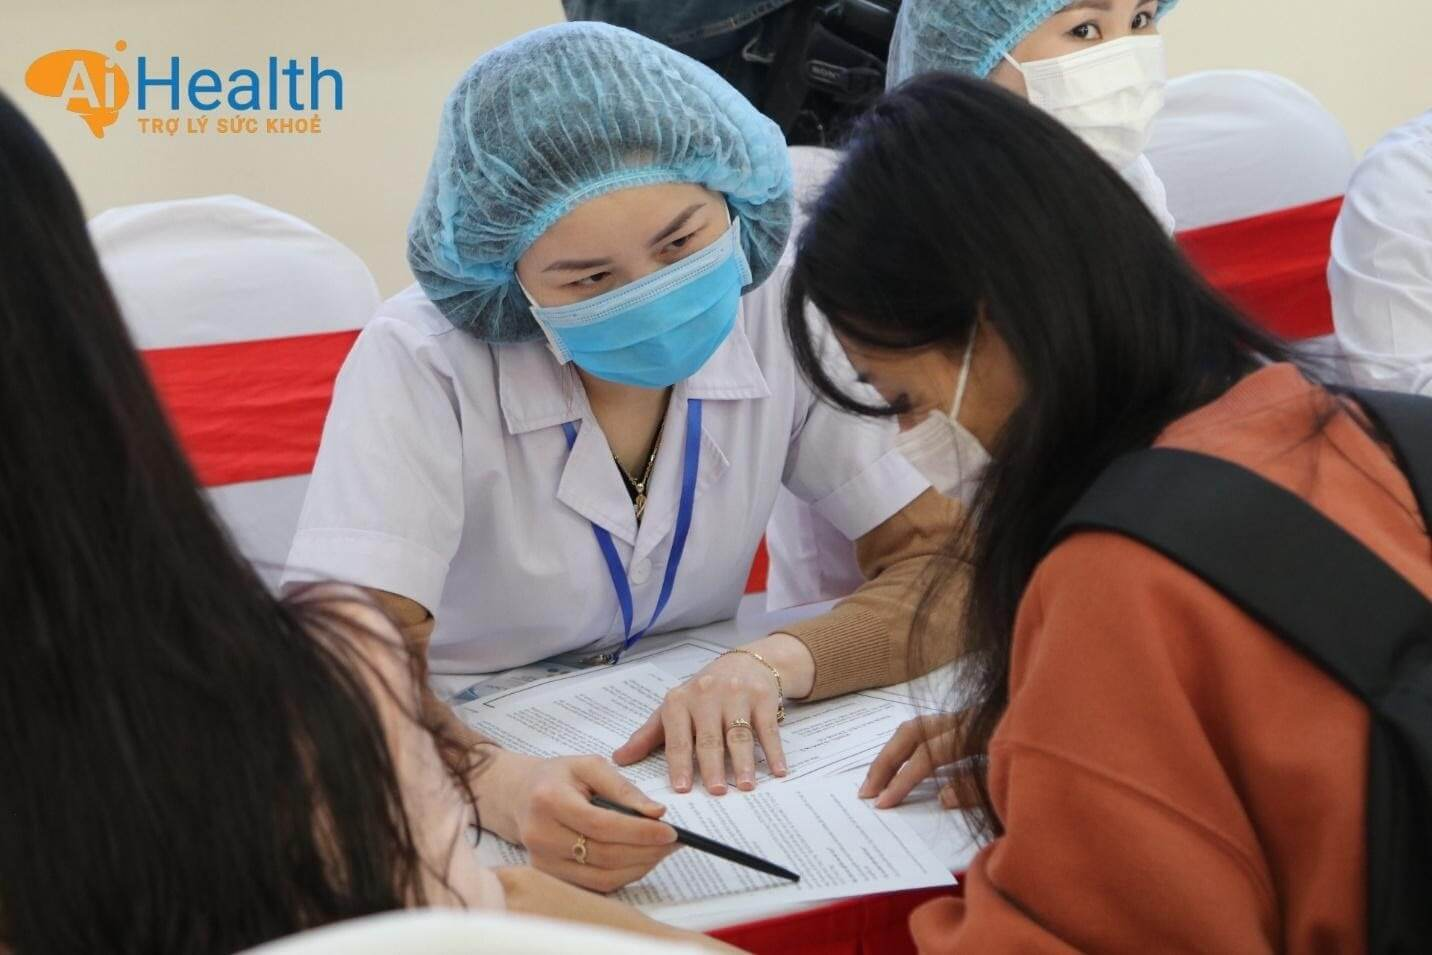 Hướng dẫn cách đăng ký tiêm vắc xin Covid-19 nhanh chóng